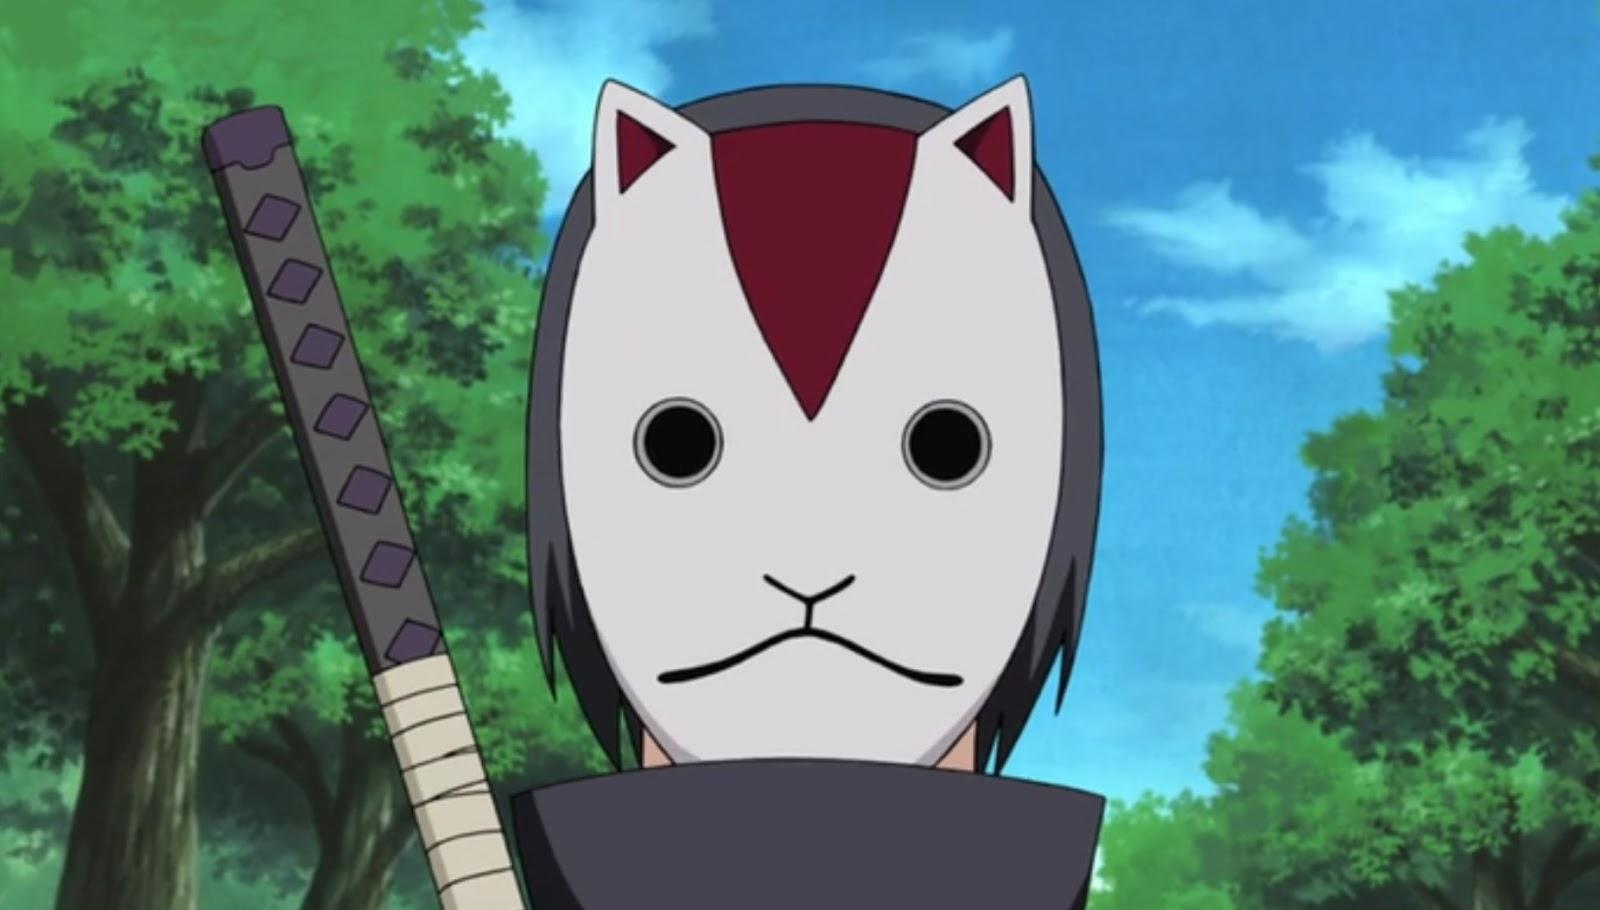 Naruto Shippuden Episódio 357, Assistir Naruto Shippuden Episódio 357, Assistir Naruto Shippuden Todos os Episódios Legendado, Naruto Shippuden episódio 357,HD